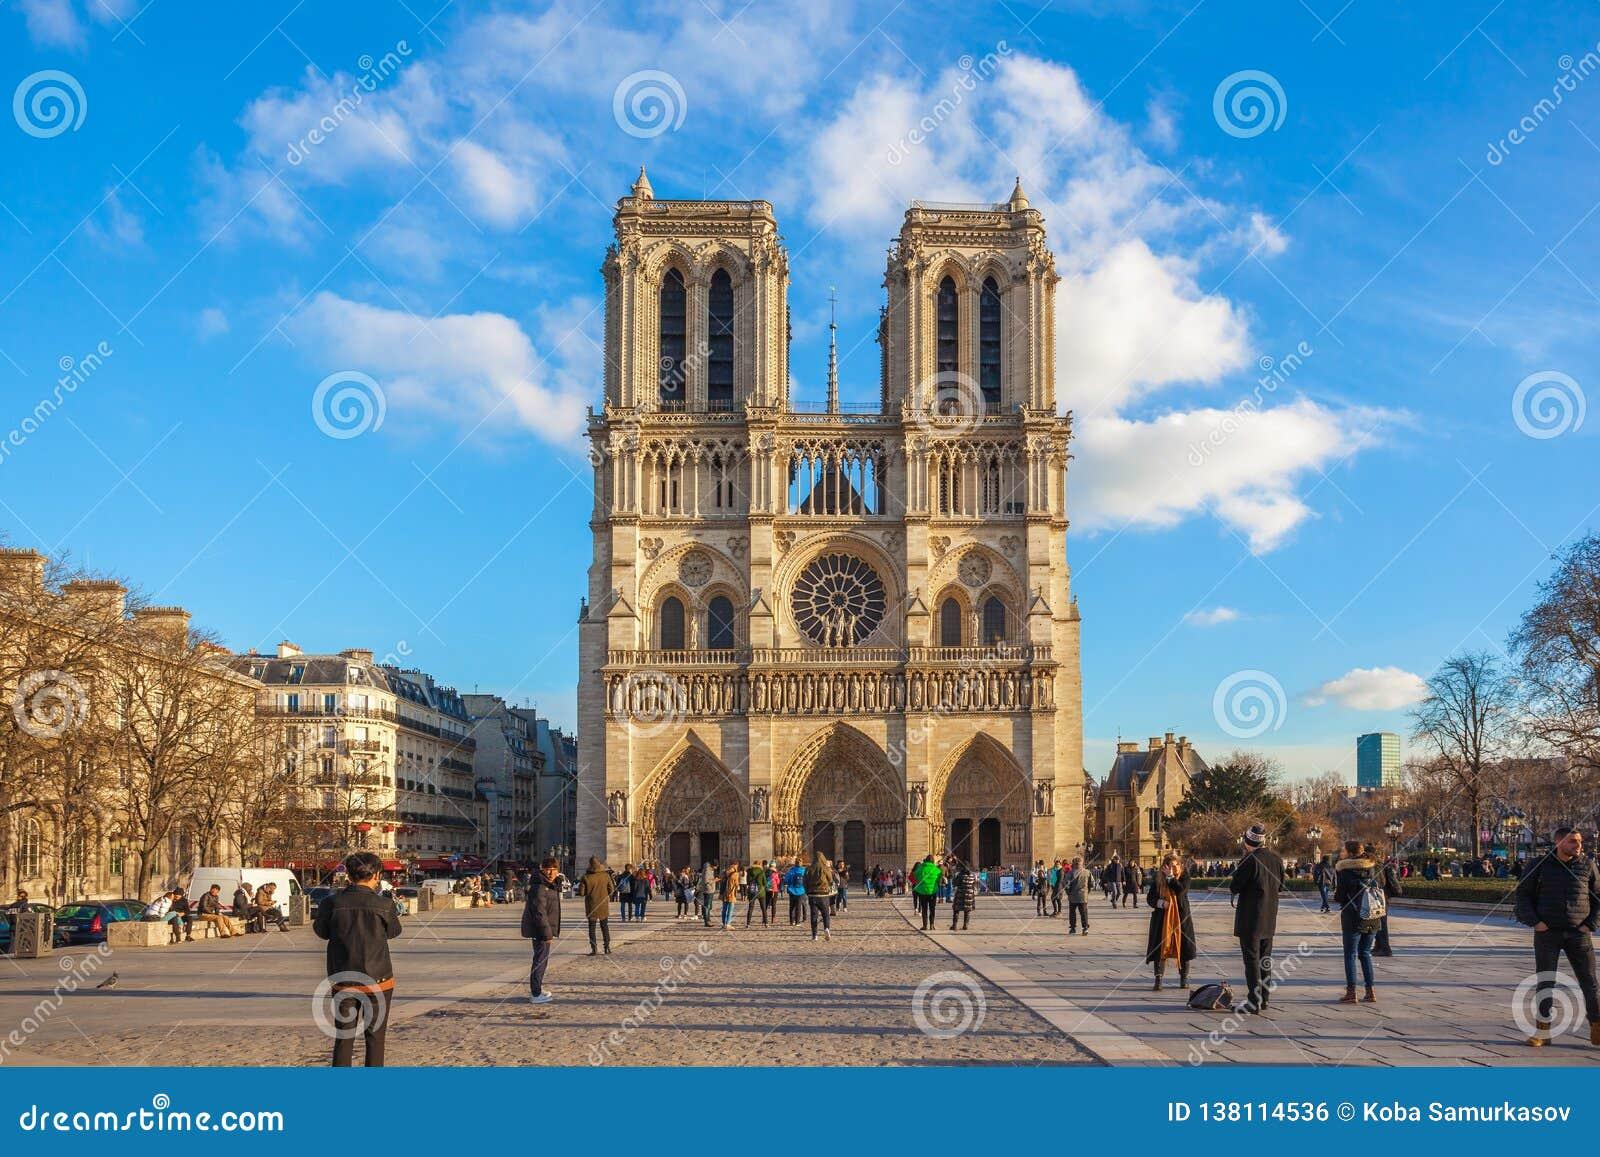 巴黎,法国- 18 01 2019年:巴黎圣母院,中世纪教会美丽的景色在巴黎,法国